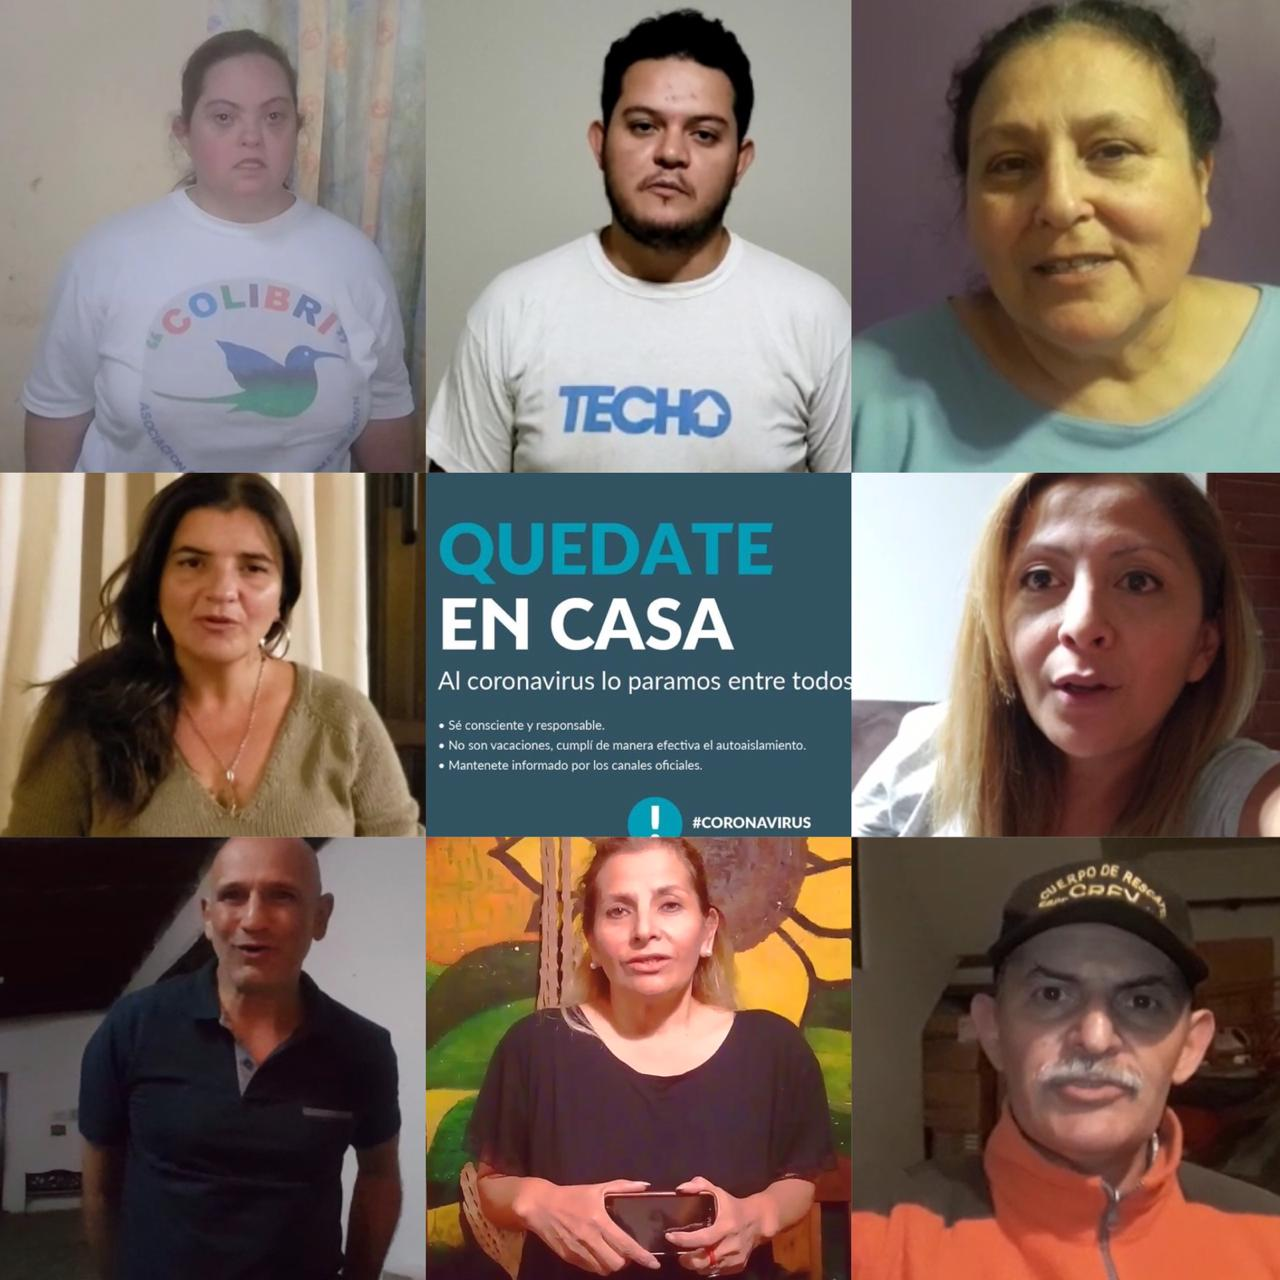 Referentes solidarios de Salta piden a la comunidad quedarse en casa